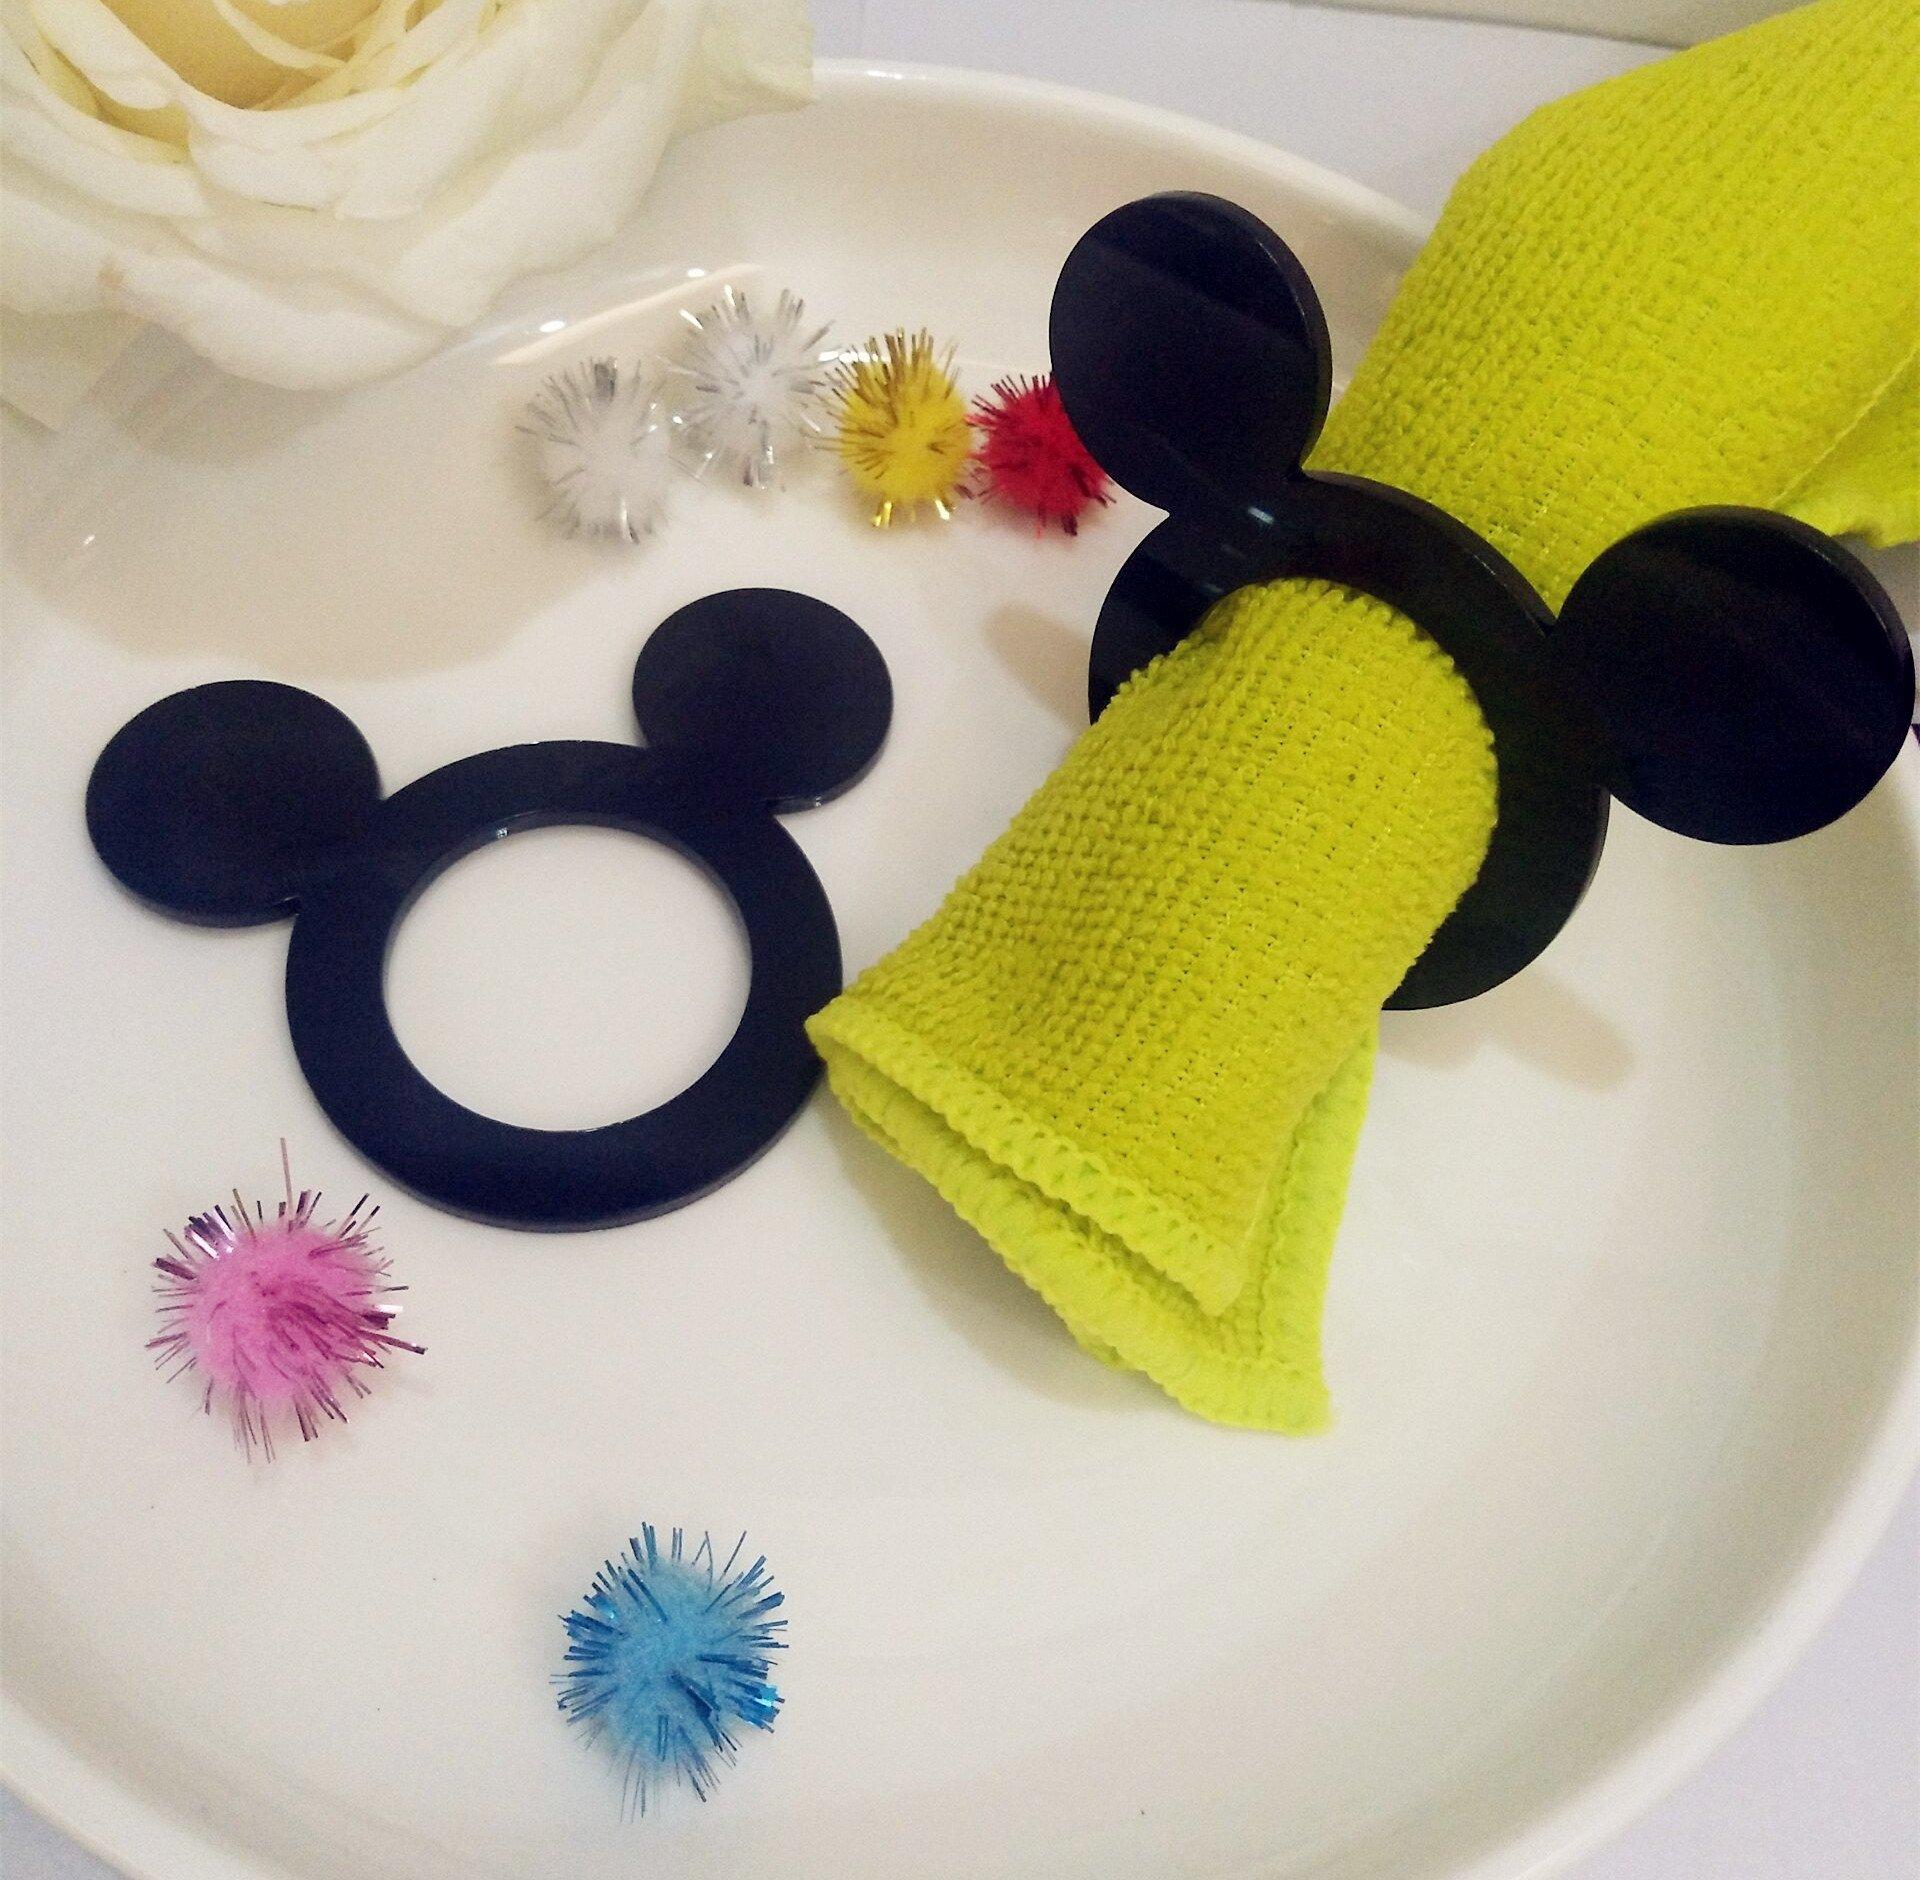 RUIXUAN Mickey Napkin Rings,Set of 12PCS Cartoon Acrylic Black Napkin Rings,Wedding Party Decor, Birthday Party Table Decor